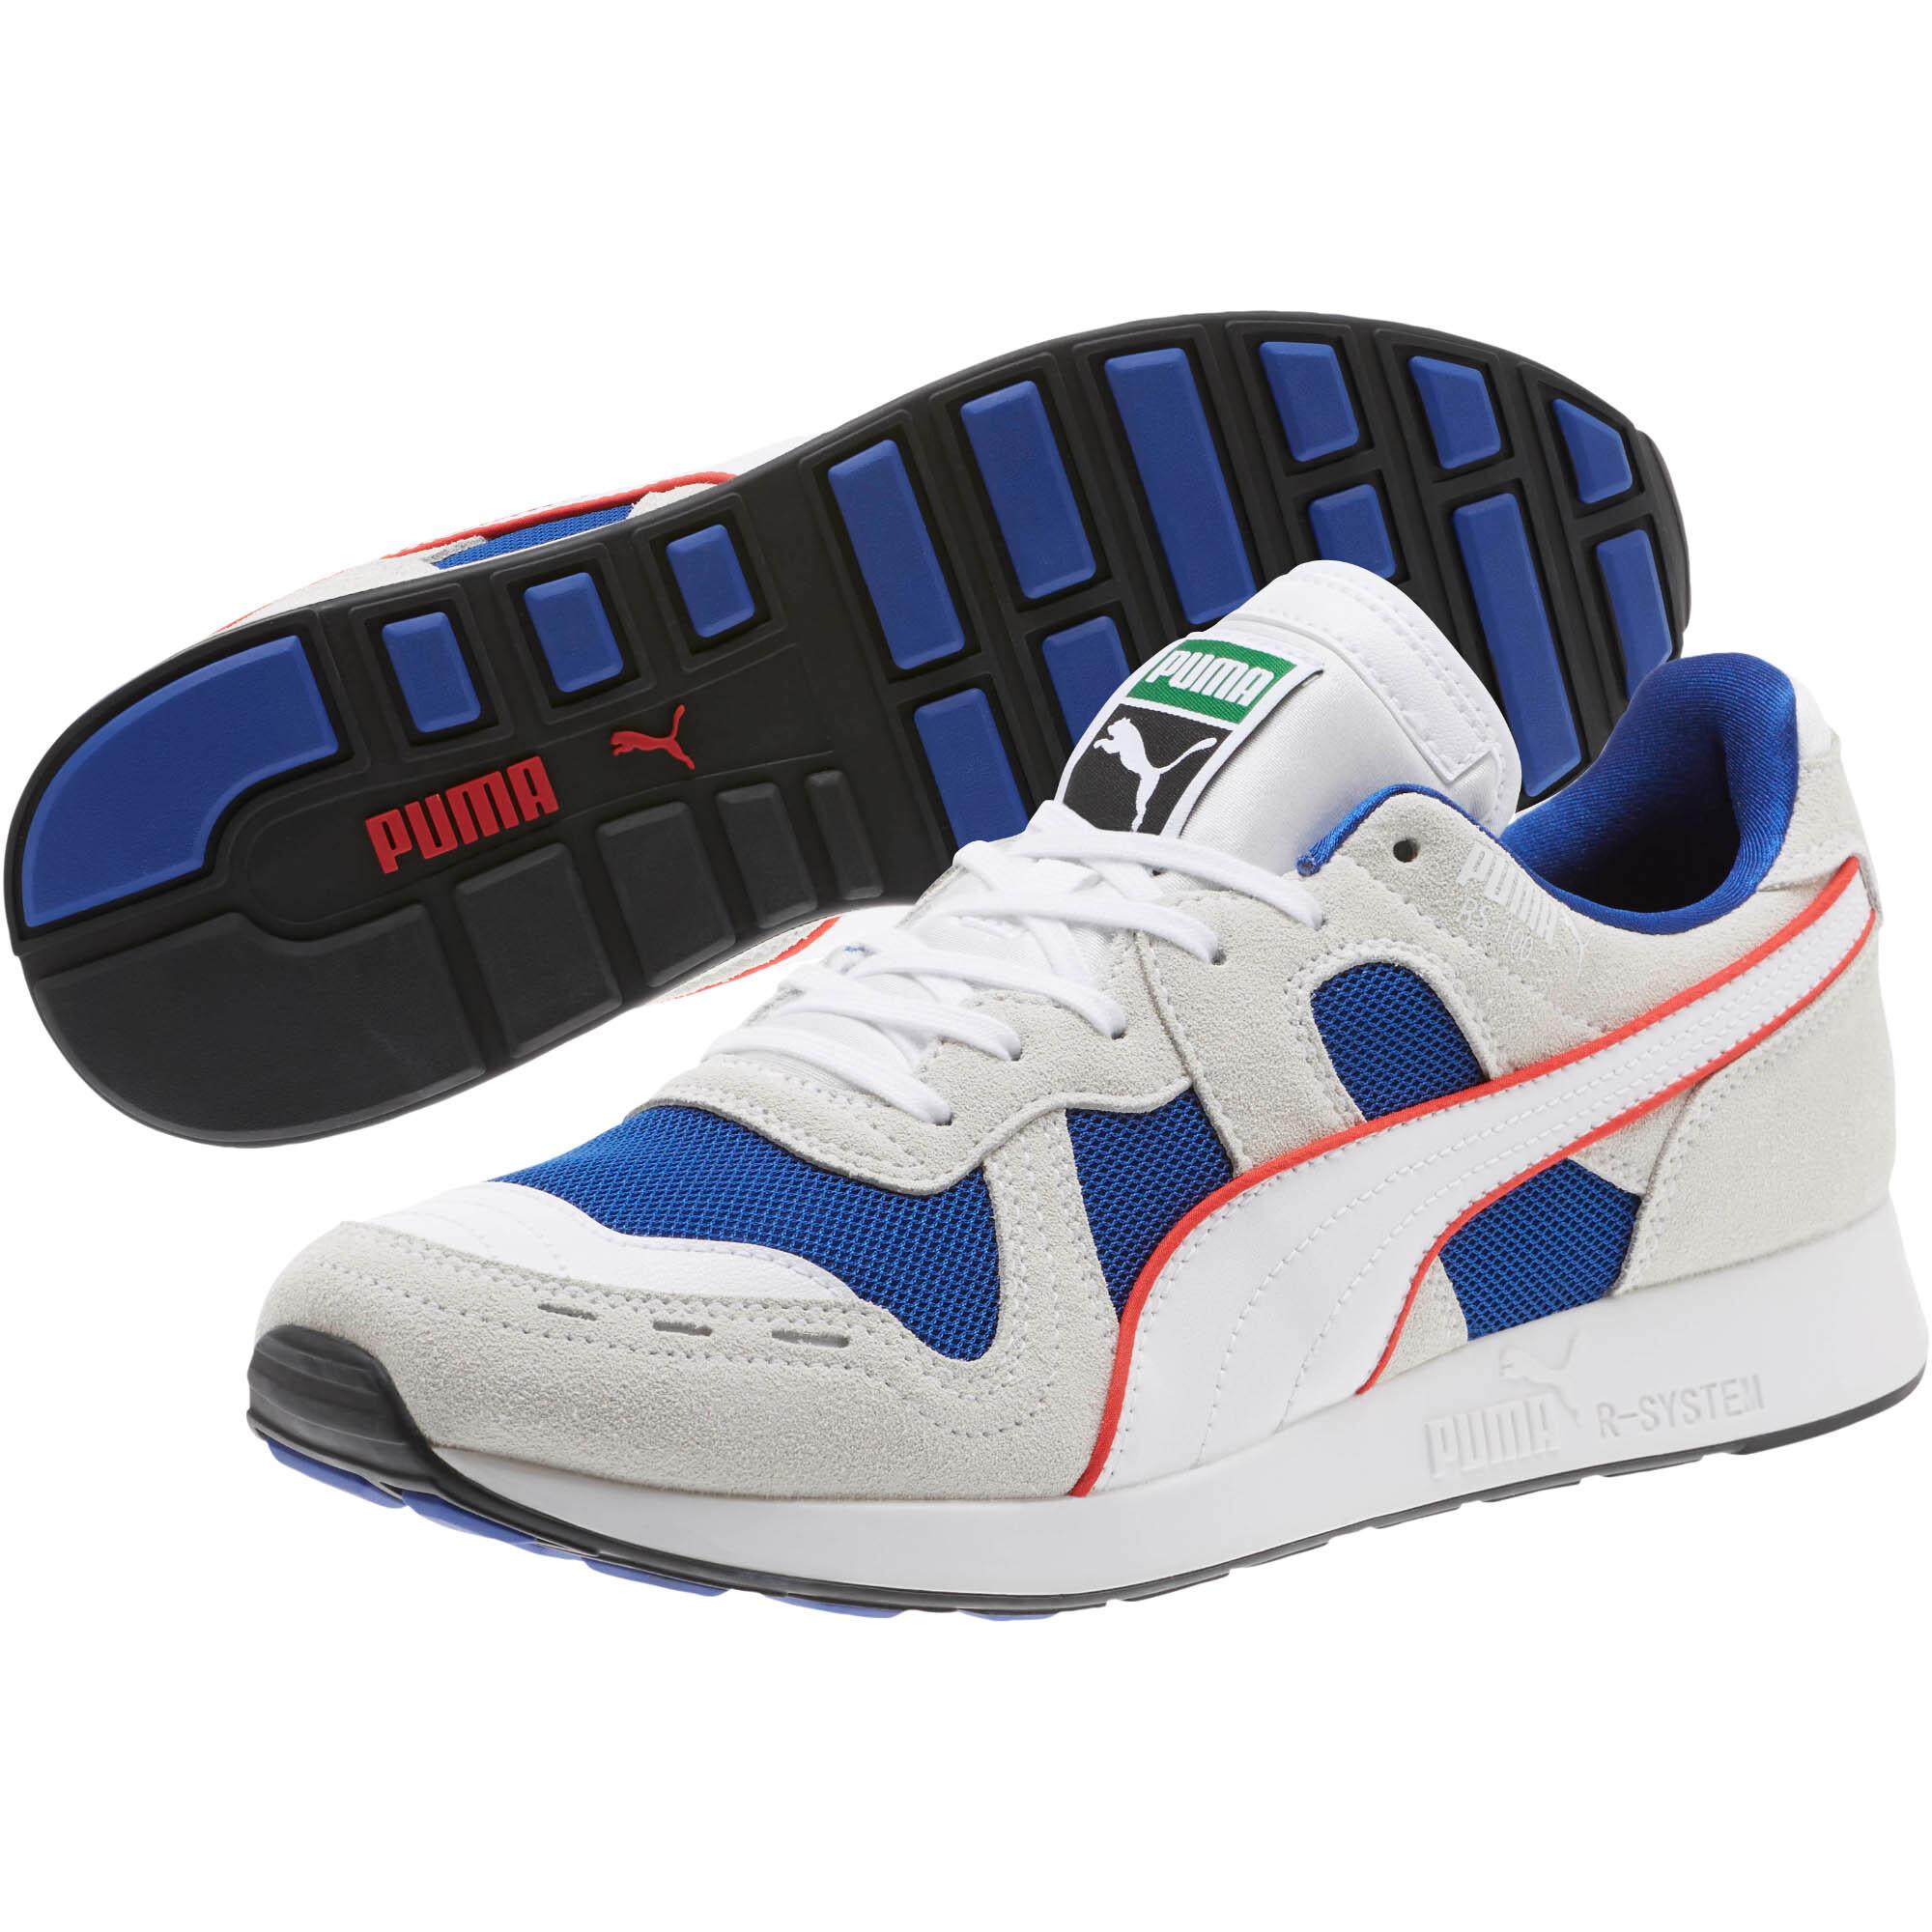 Esportivo Detalhes Título No Masculino Classics Core Rs 100 Sapato Puma Mostrar Sobre Original Tênis vb6yfgY7